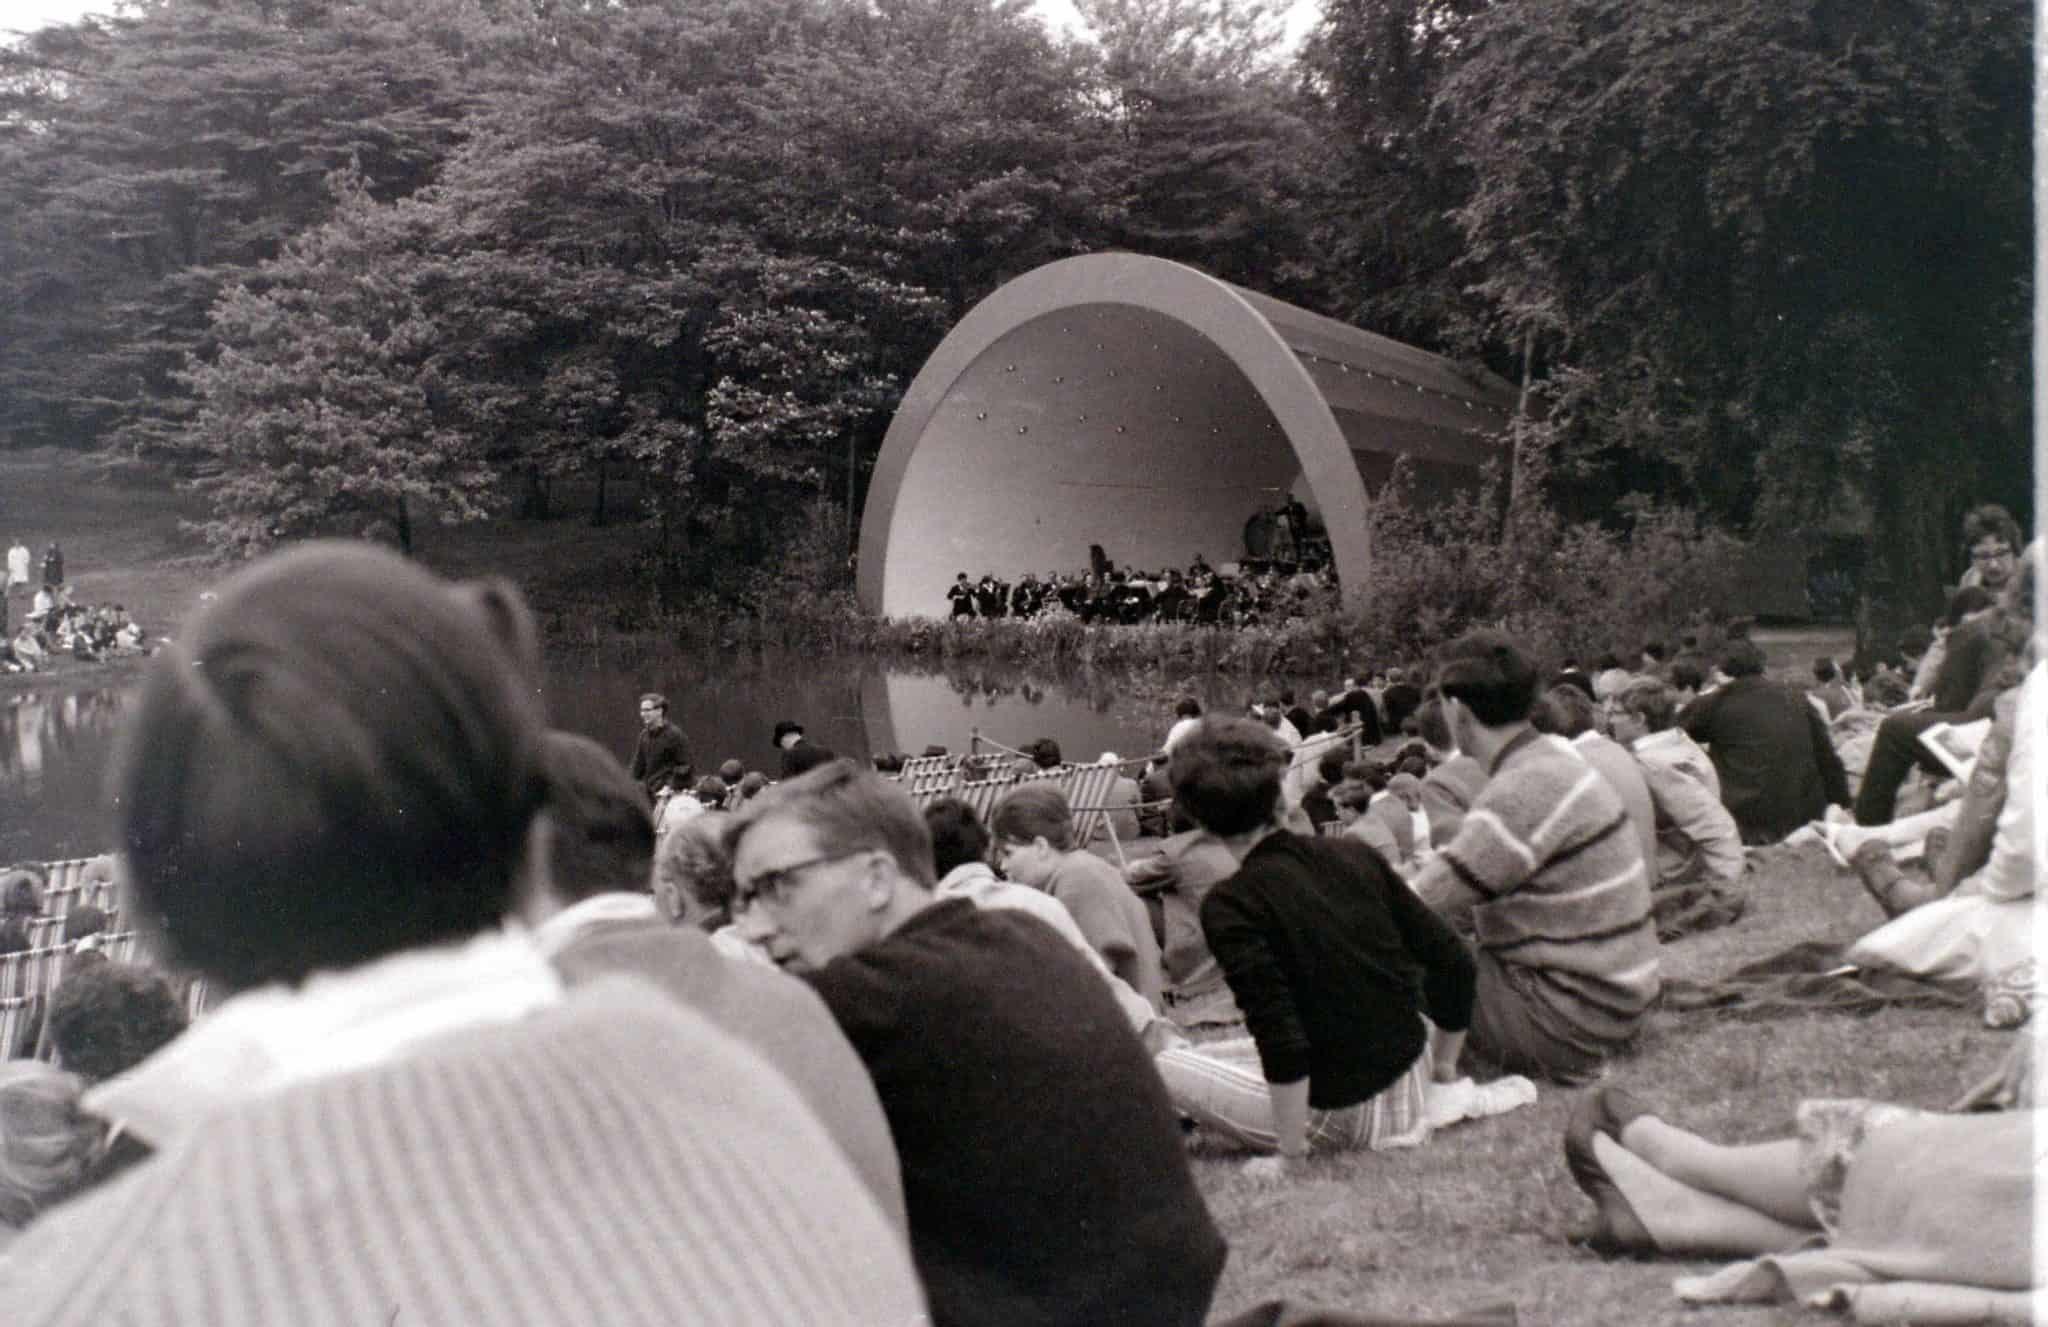 Classical at Crystal Palace Bowl, 1962